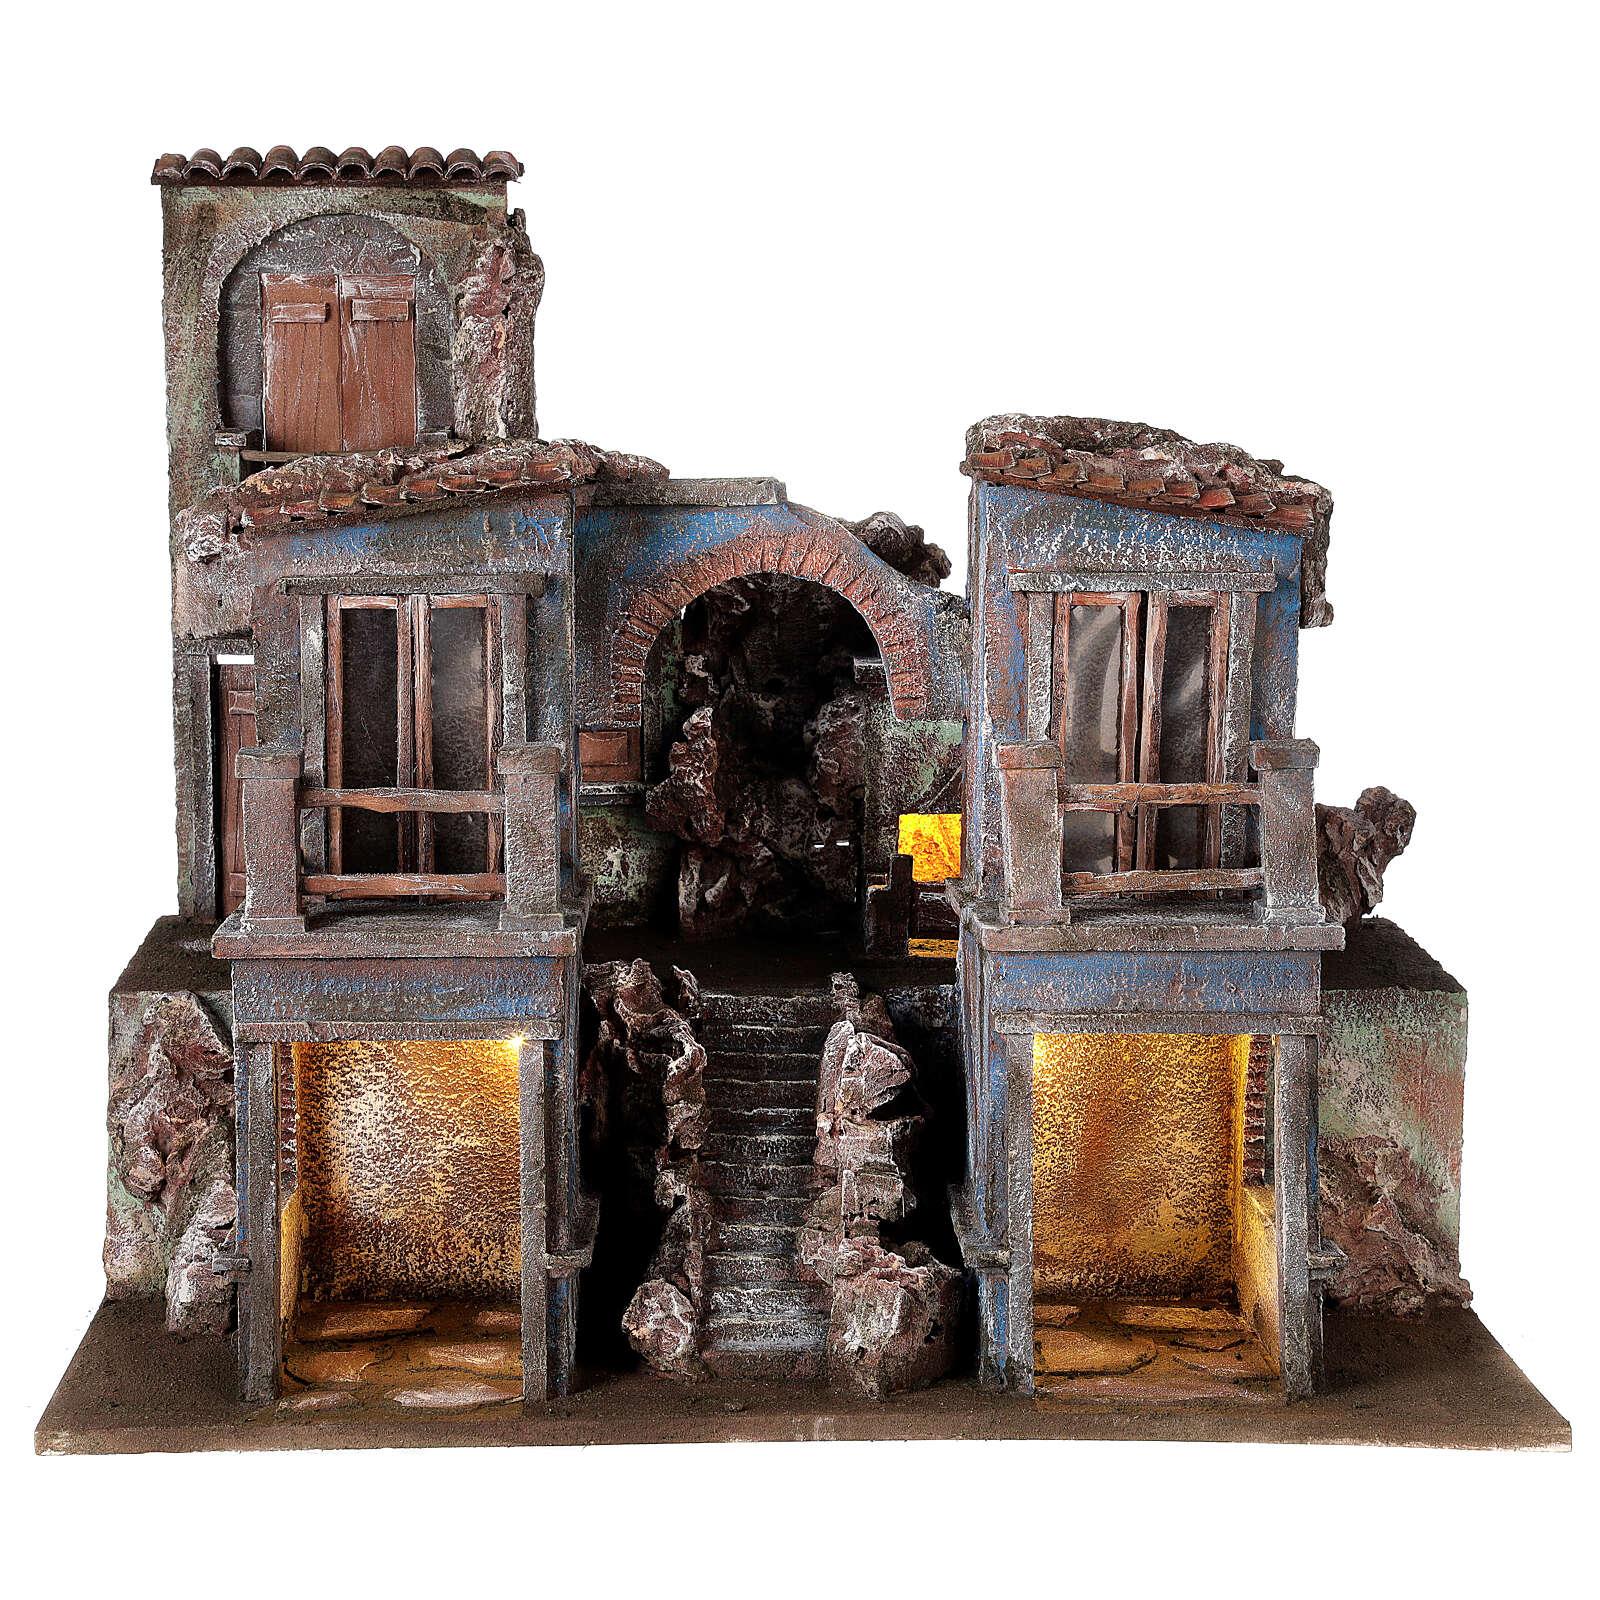 Borgo presepe illuminato con arcata e balconi 55x60x45 per statue 12 cm 4